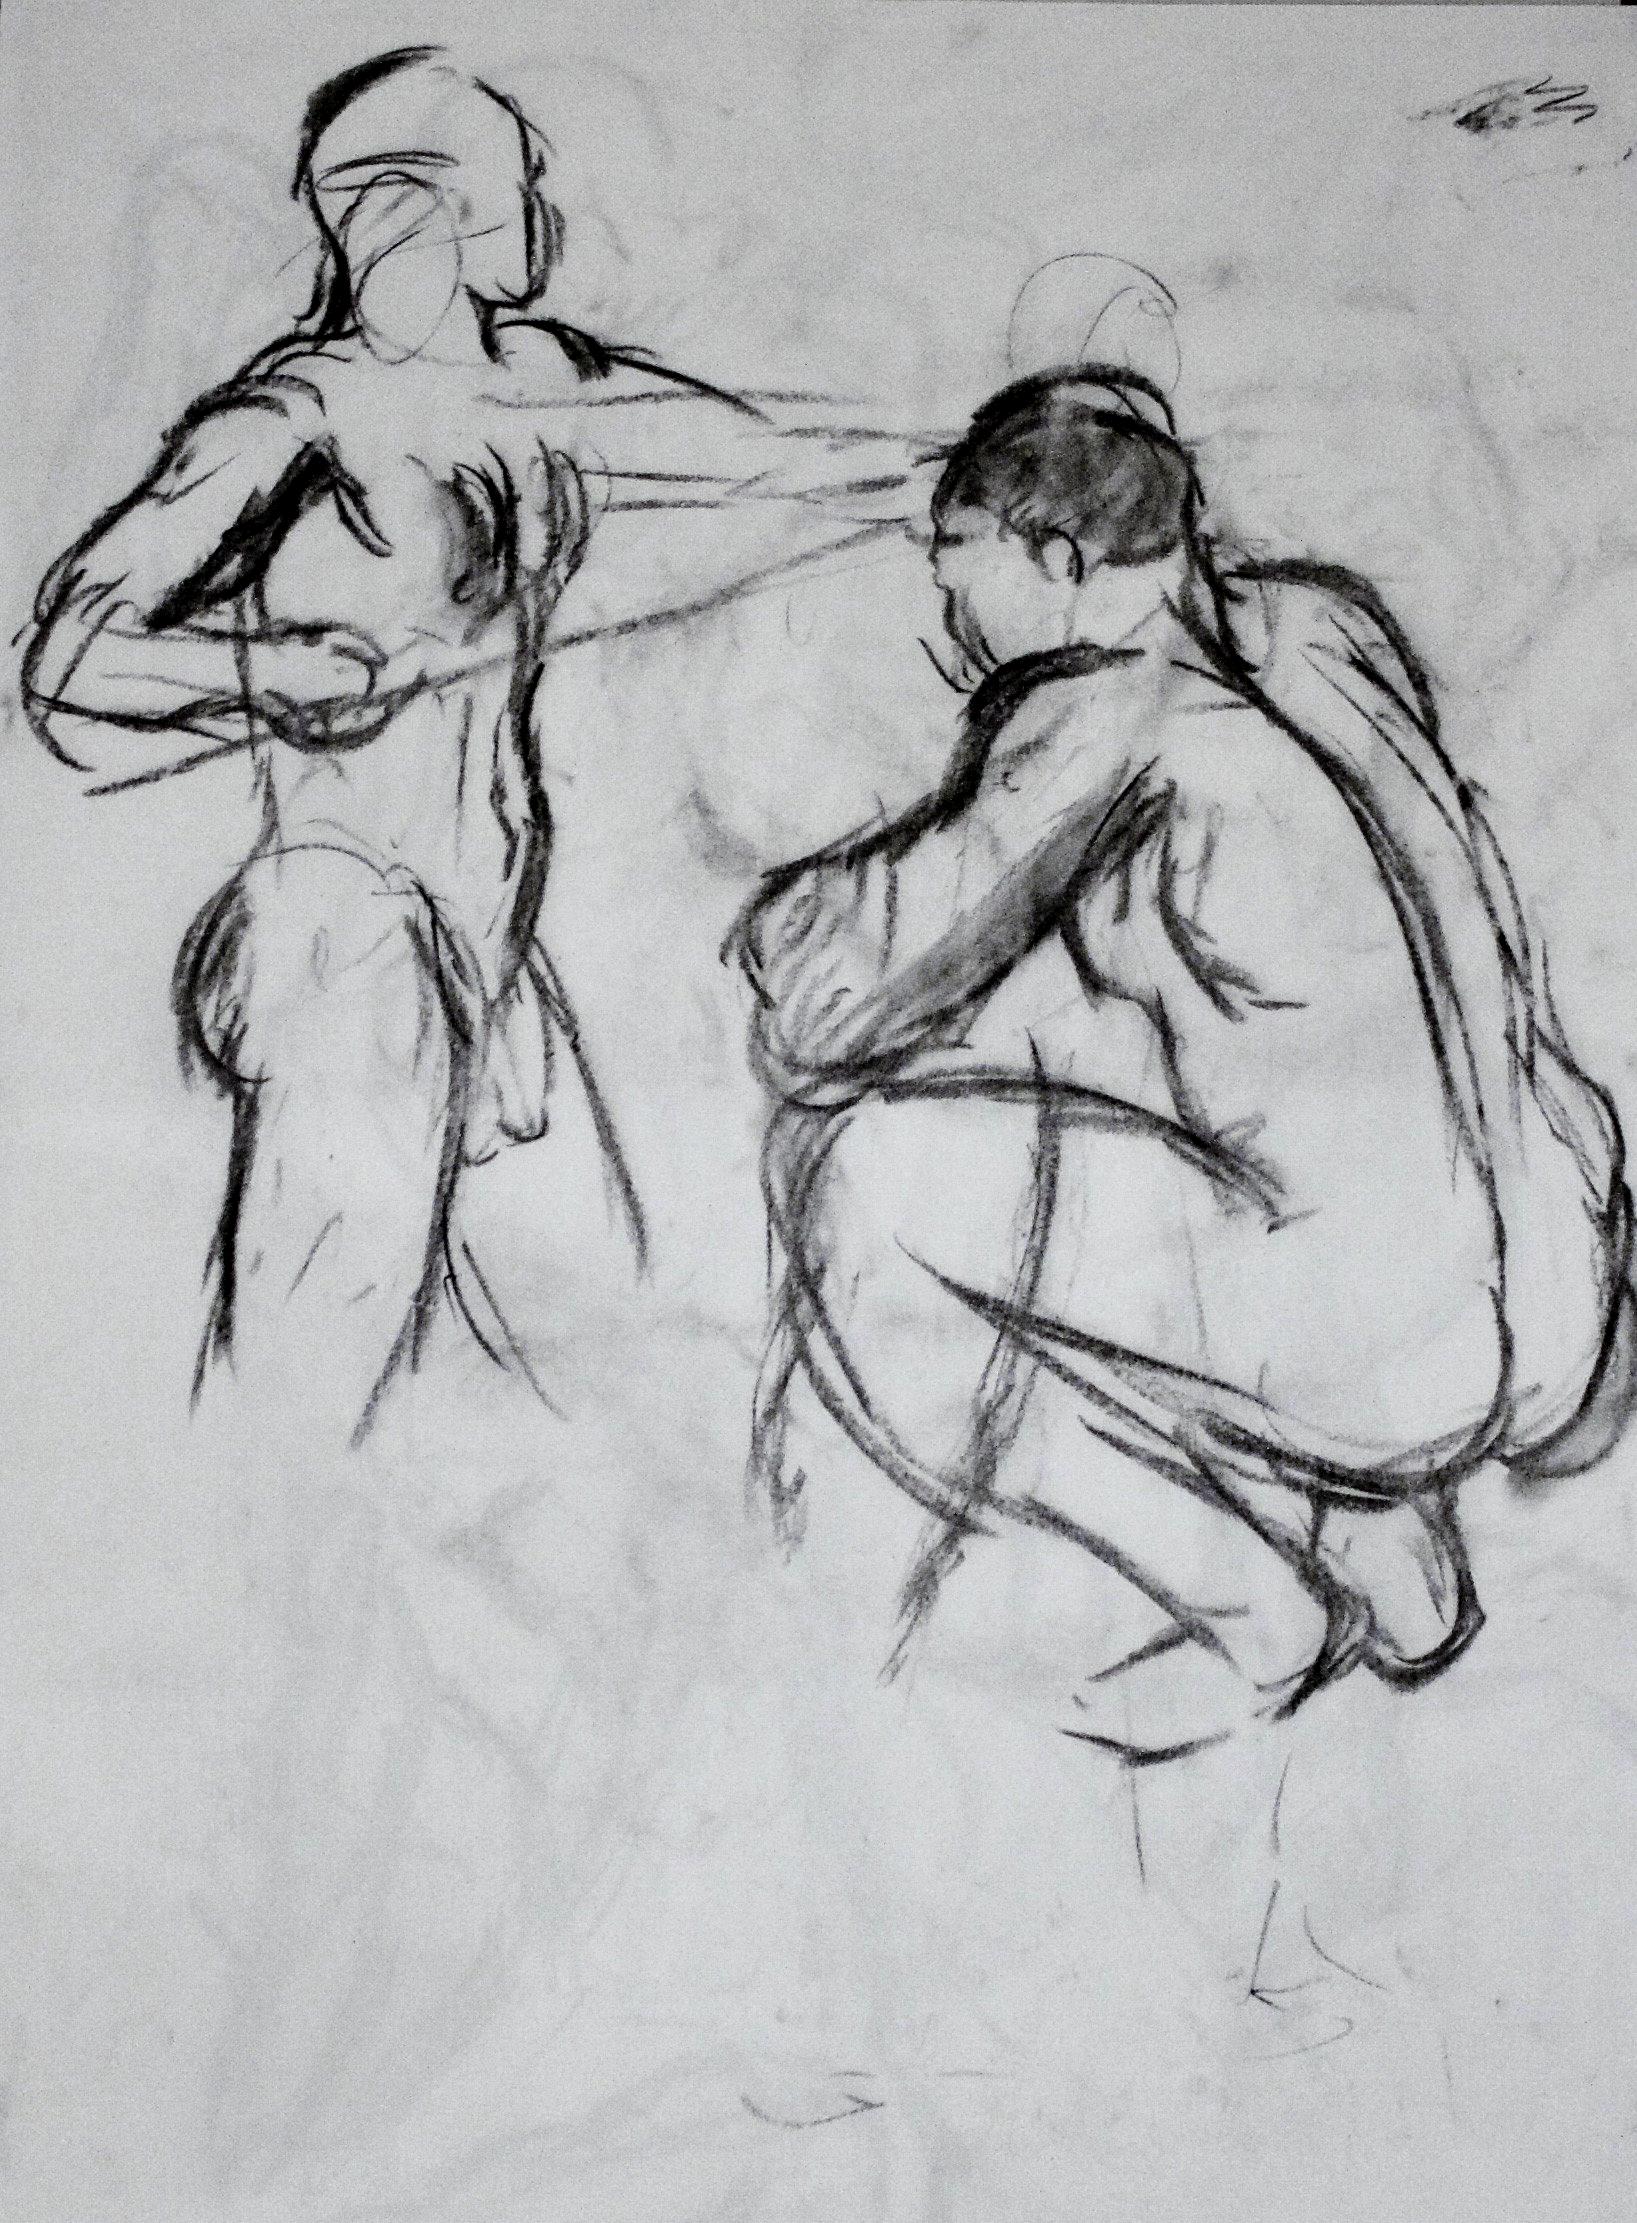 Male Model 2, Study 1